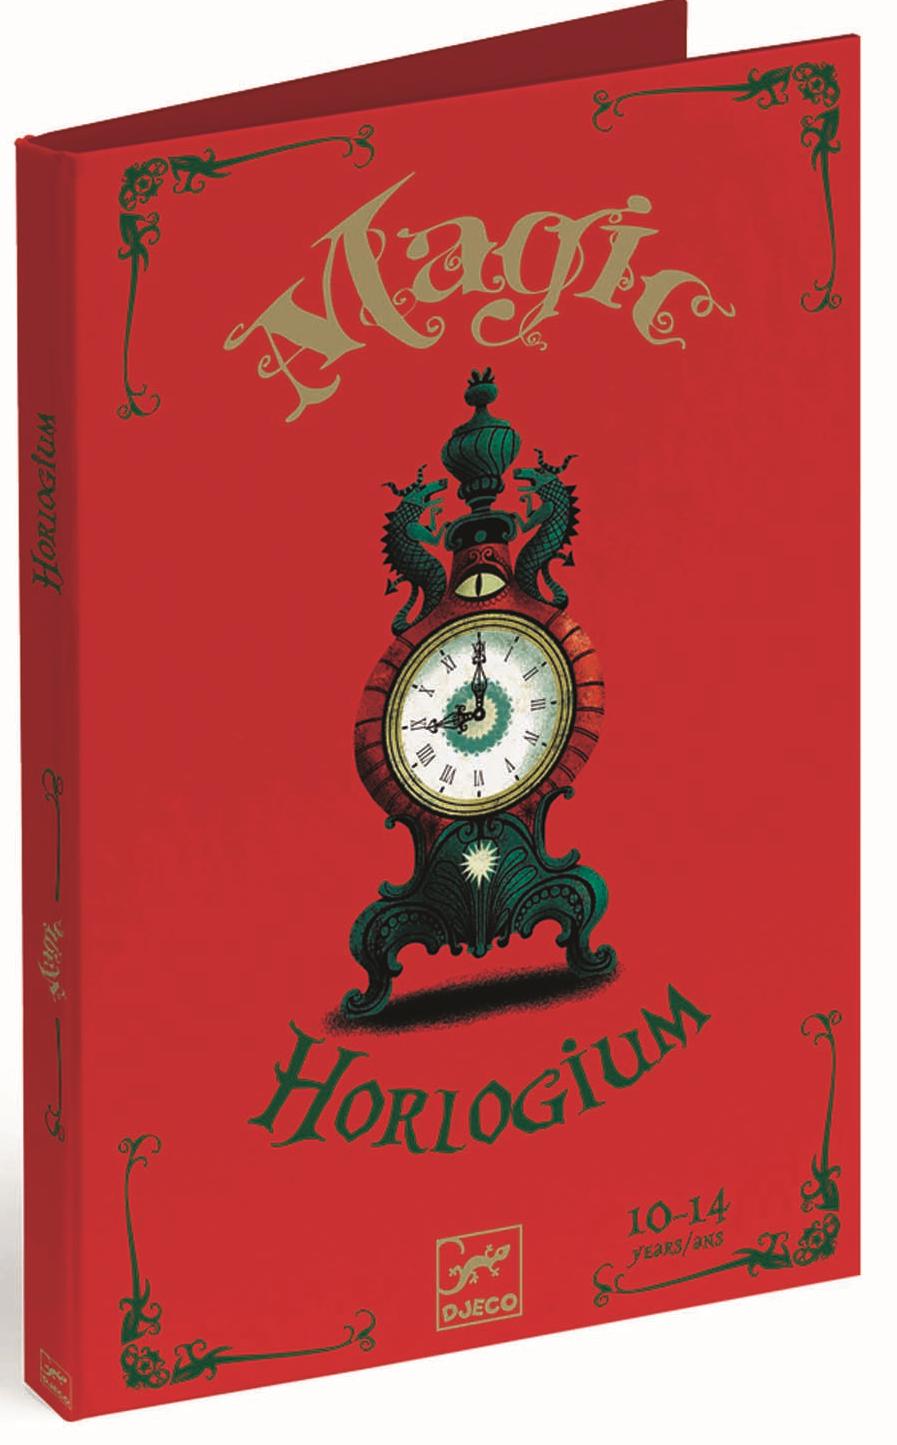 Joc de magie horologium djeco